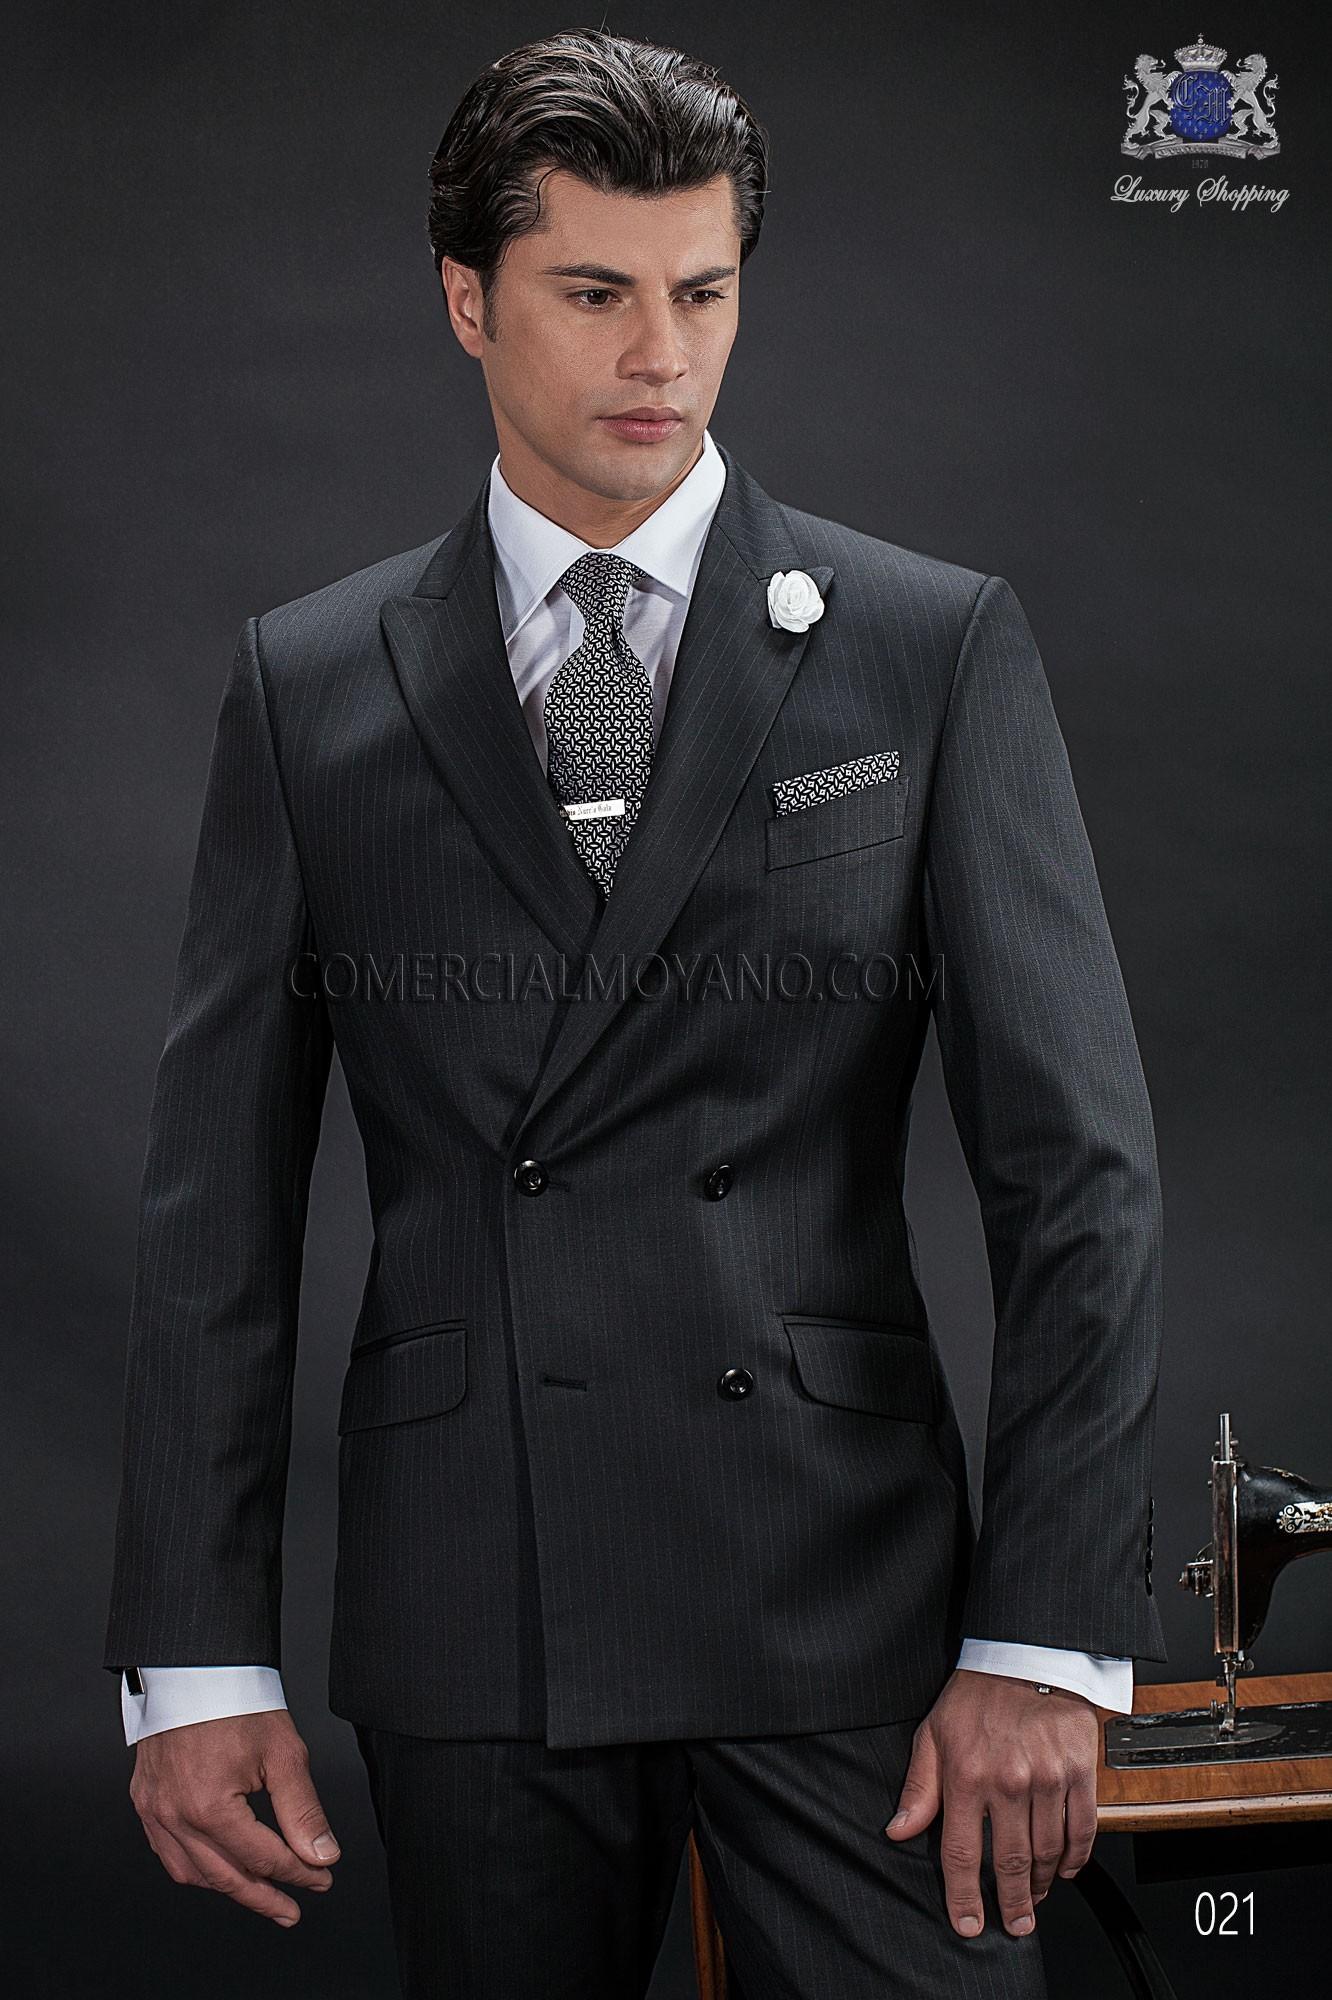 Traje de novio italiano negro modelo: 021 Ottavio Nuccio Gala colección Gentleman 2017